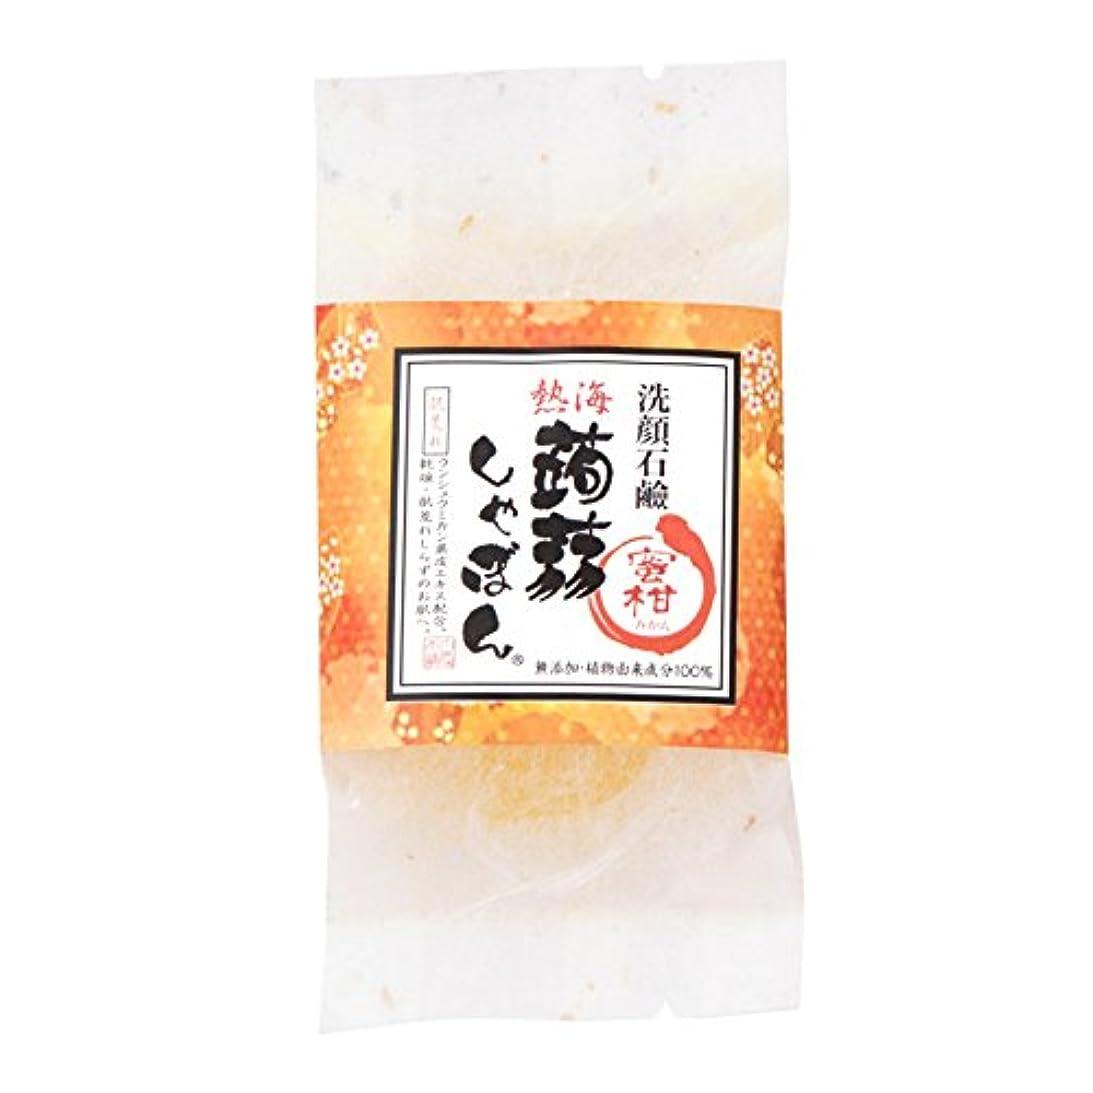 副産物嫌がらせ補足熱海蒟蒻しゃぼん熱海 蜜柑(みかん)